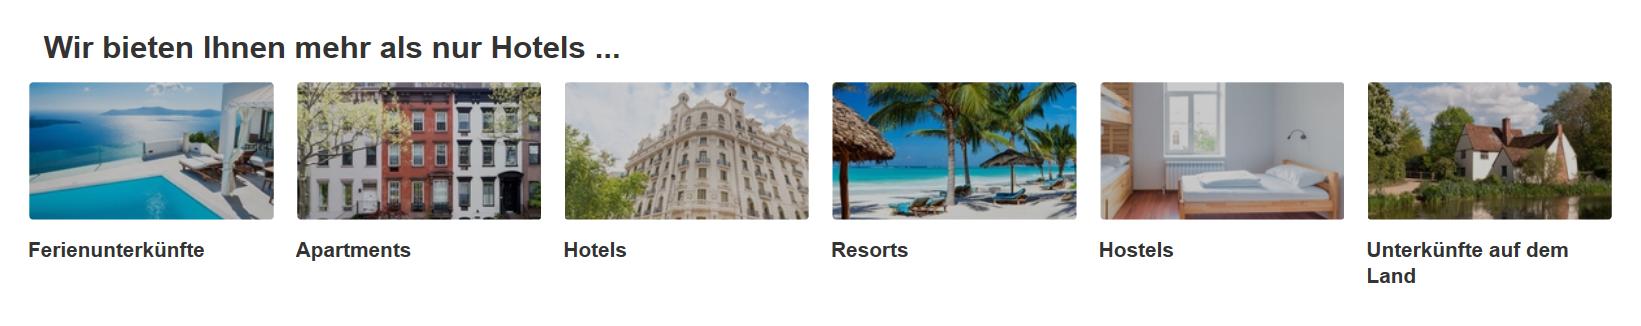 Gutscheine Hotels.Com